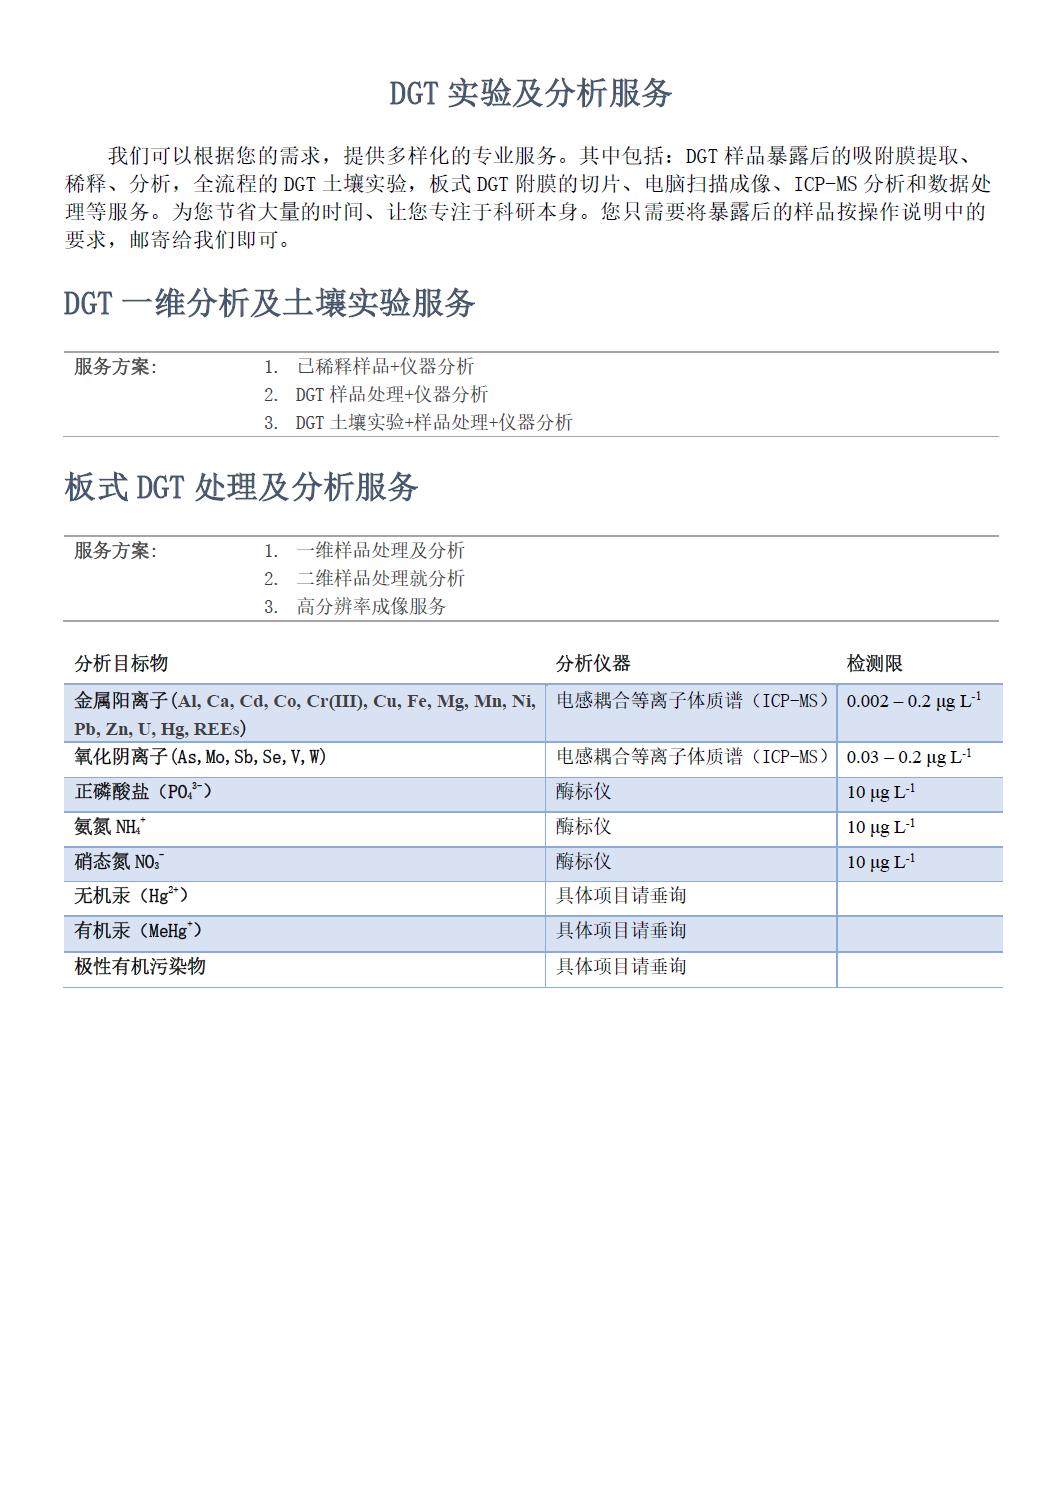 DGT实验及分析服务.png